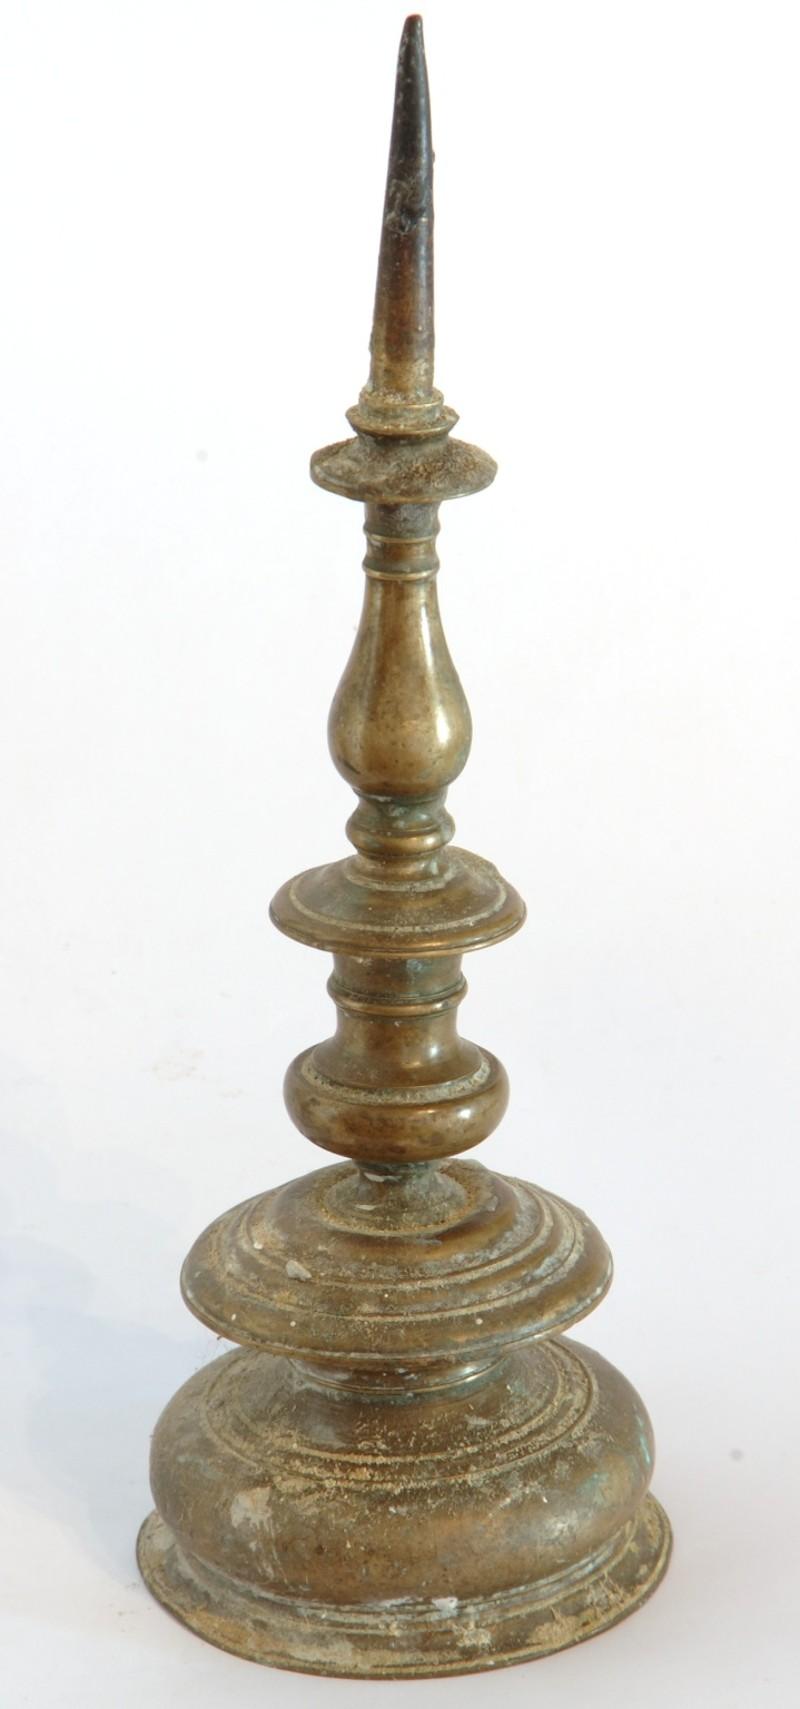 Bott. dell'Italia centrale sec. XVII, Candeliere d'altare in ottone 1/2